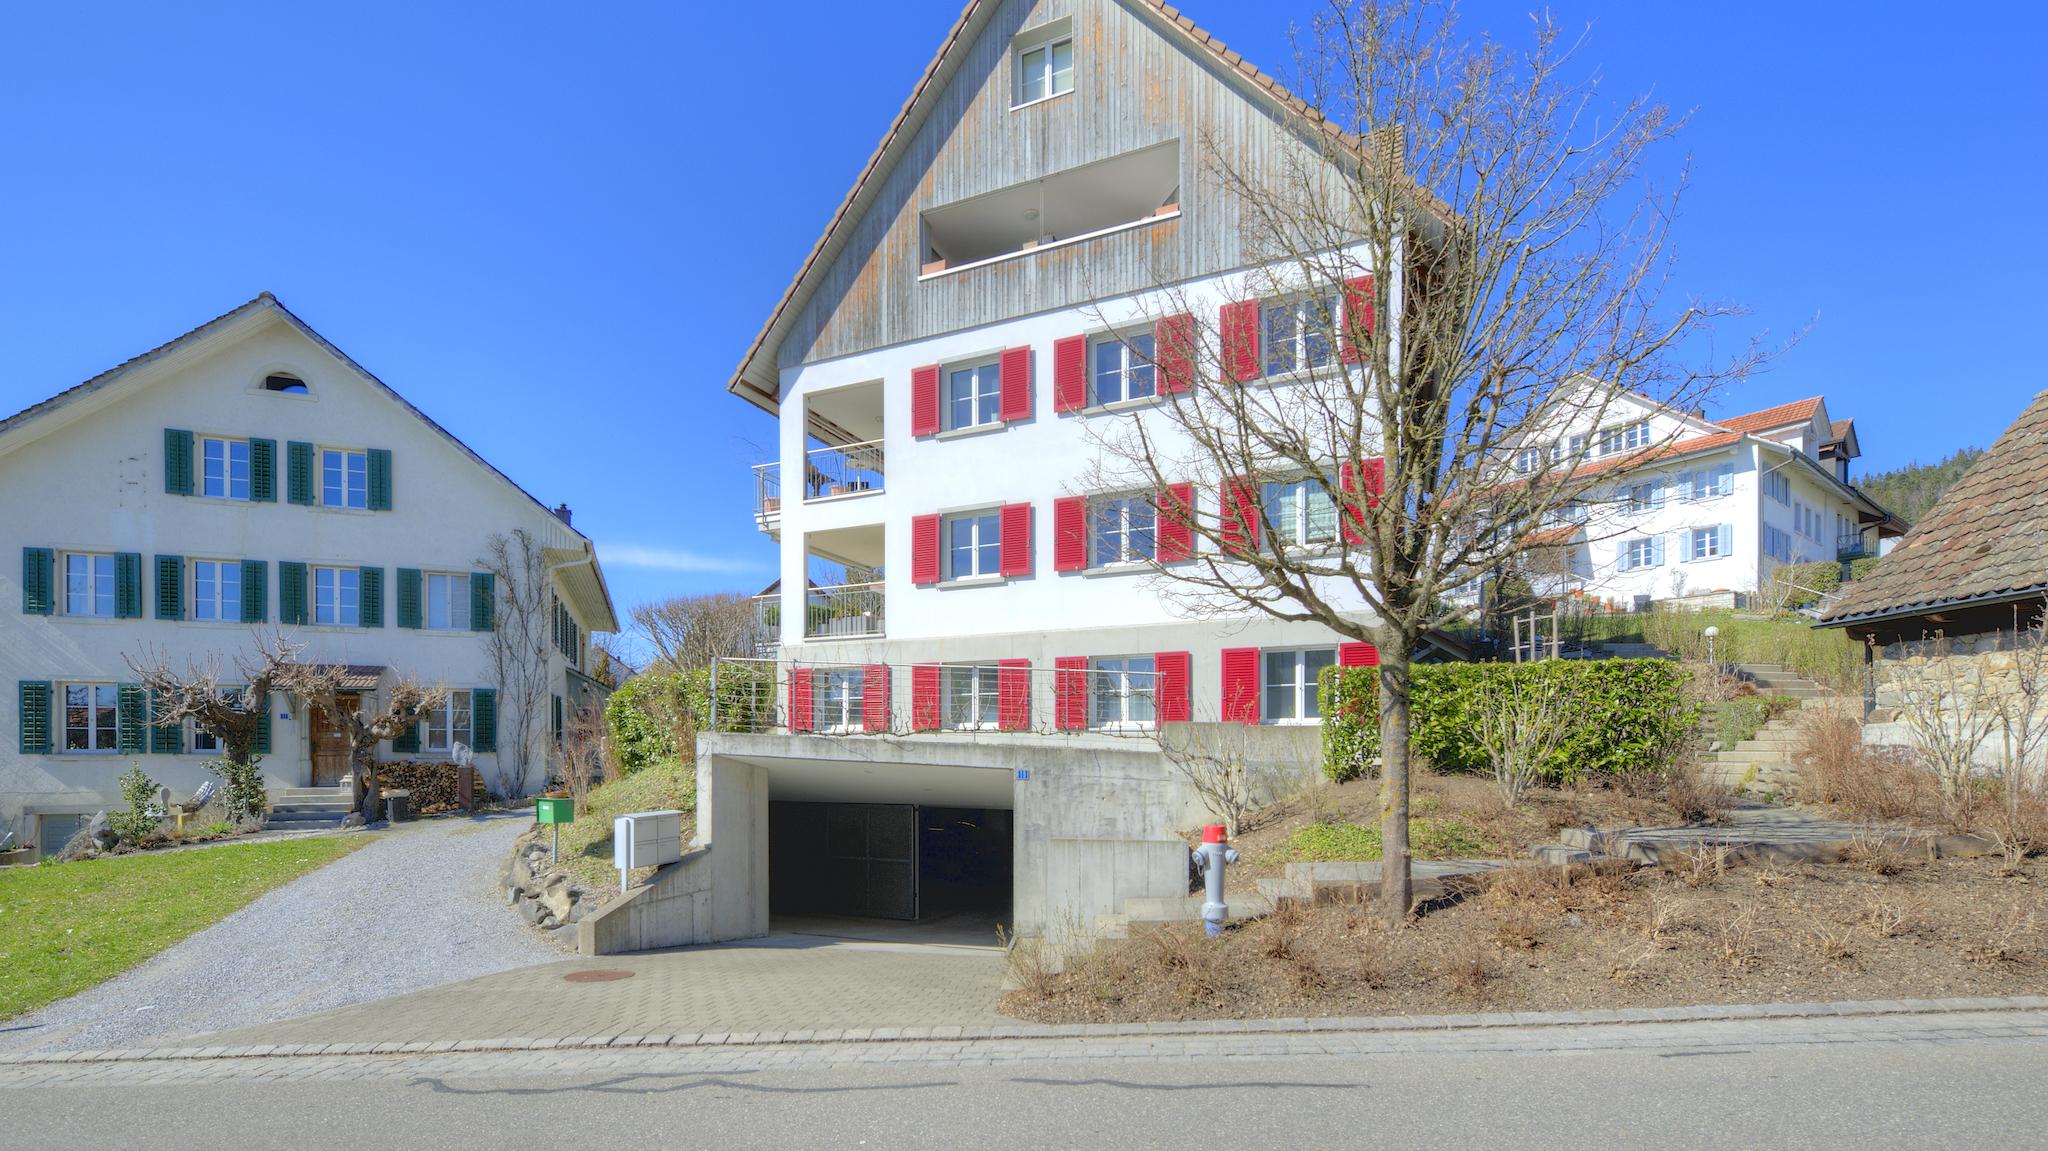 Ansicht des Mehrfamilienhauses mit der Garagenzufahrt